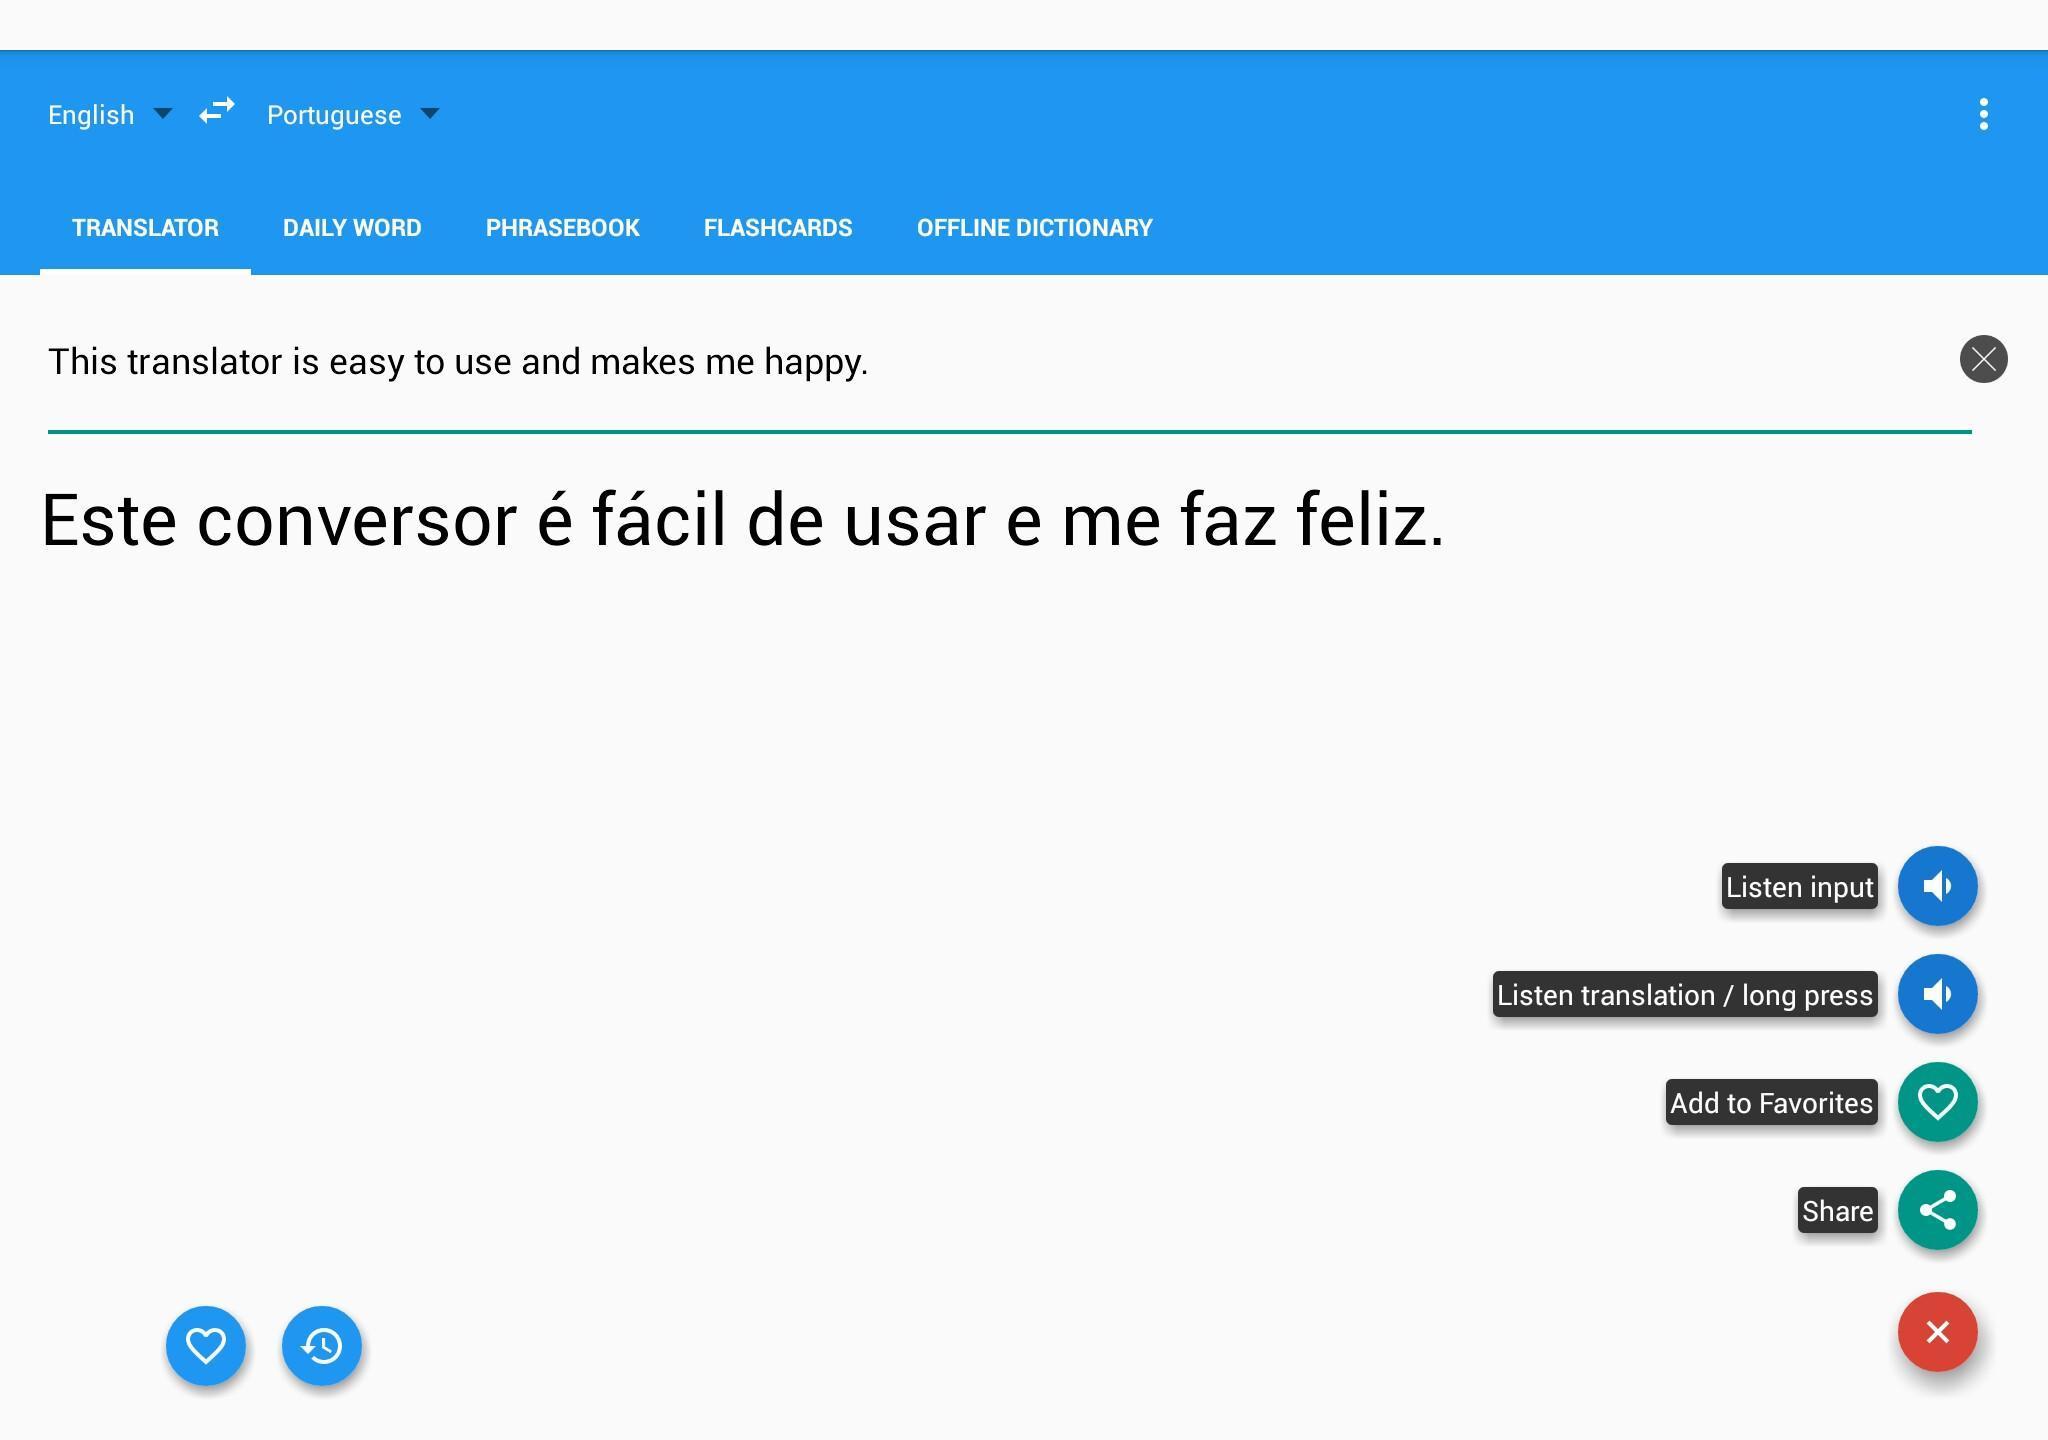 語 翻訳 ポルトガル